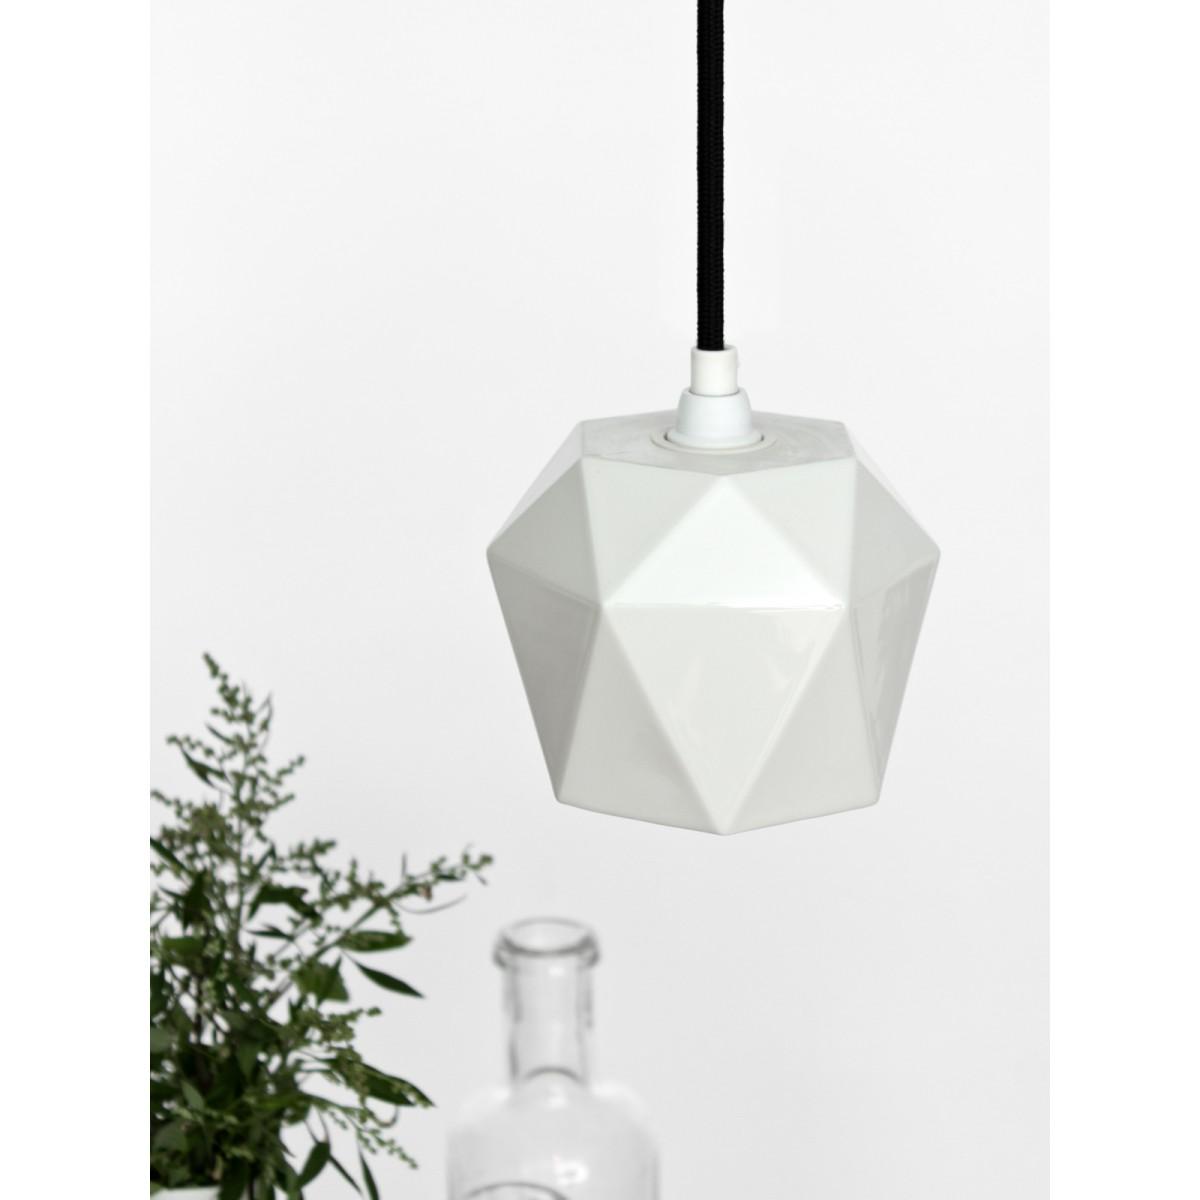 GANT lights Porzellan Hängelampe trianguliert [T3]